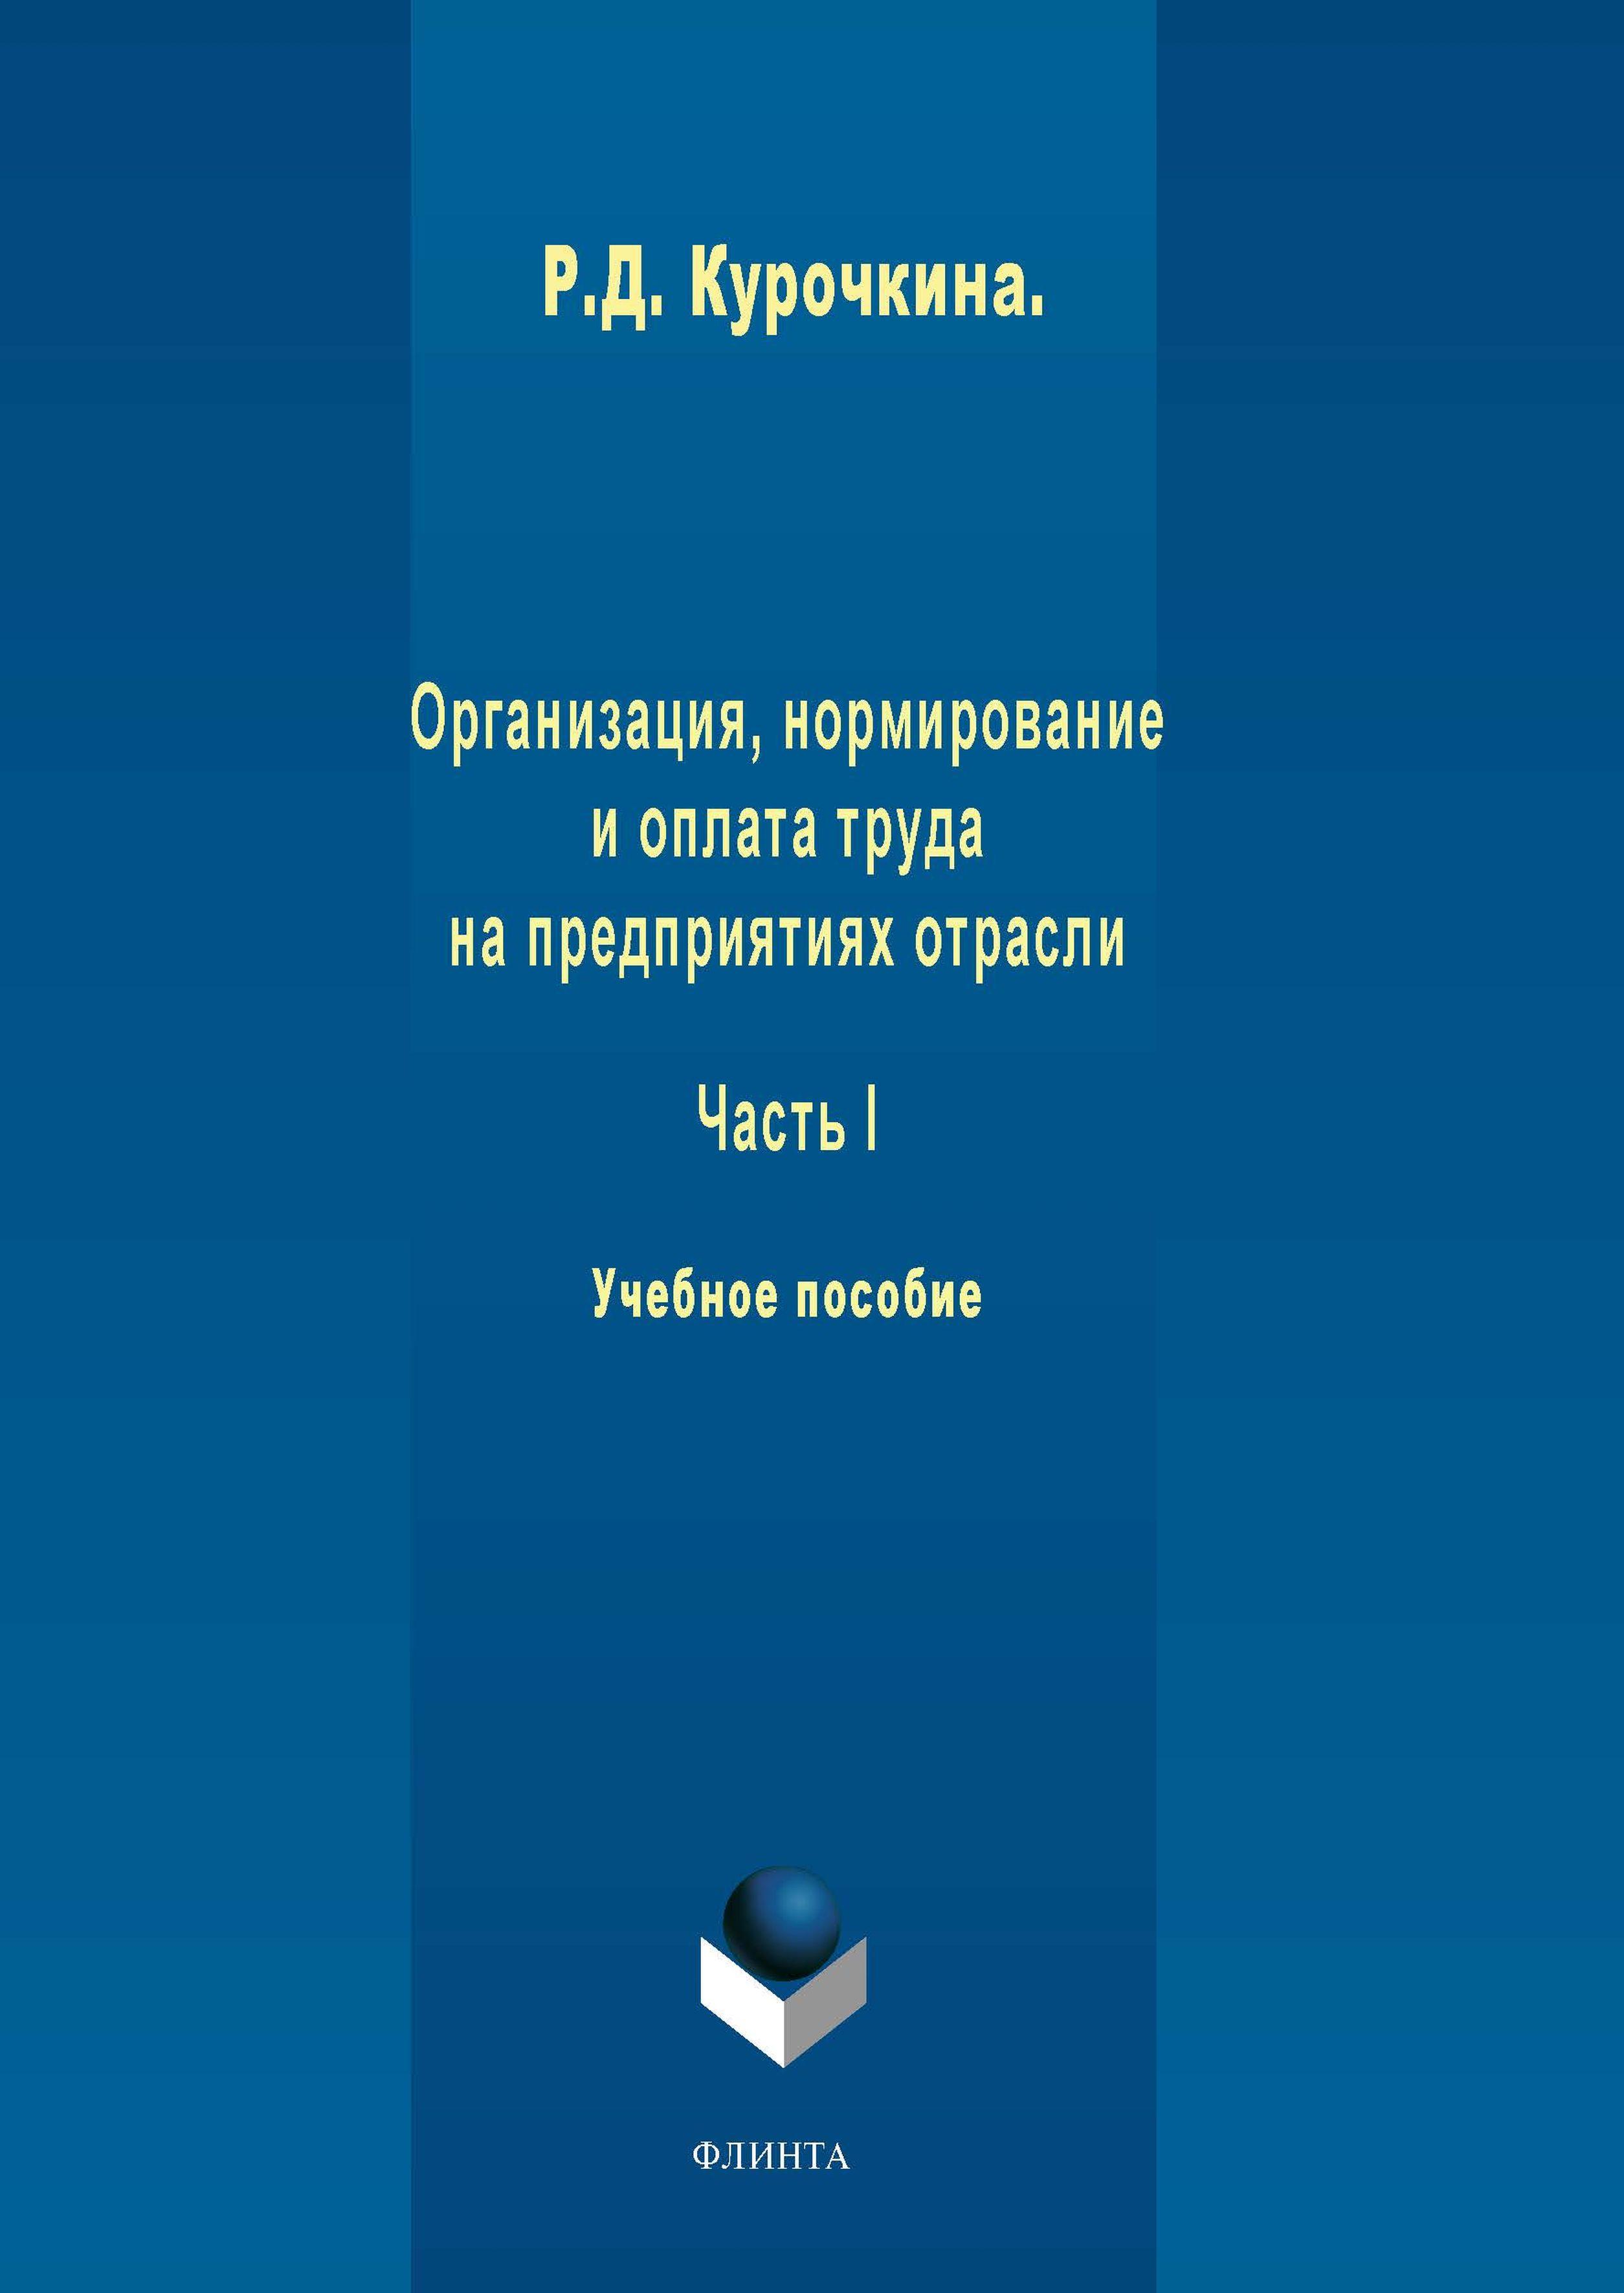 Р. Д. Курочкина Организация, нормирование и оплата труда на предприятиях отрасли. Часть I связь на промышленных предприятиях